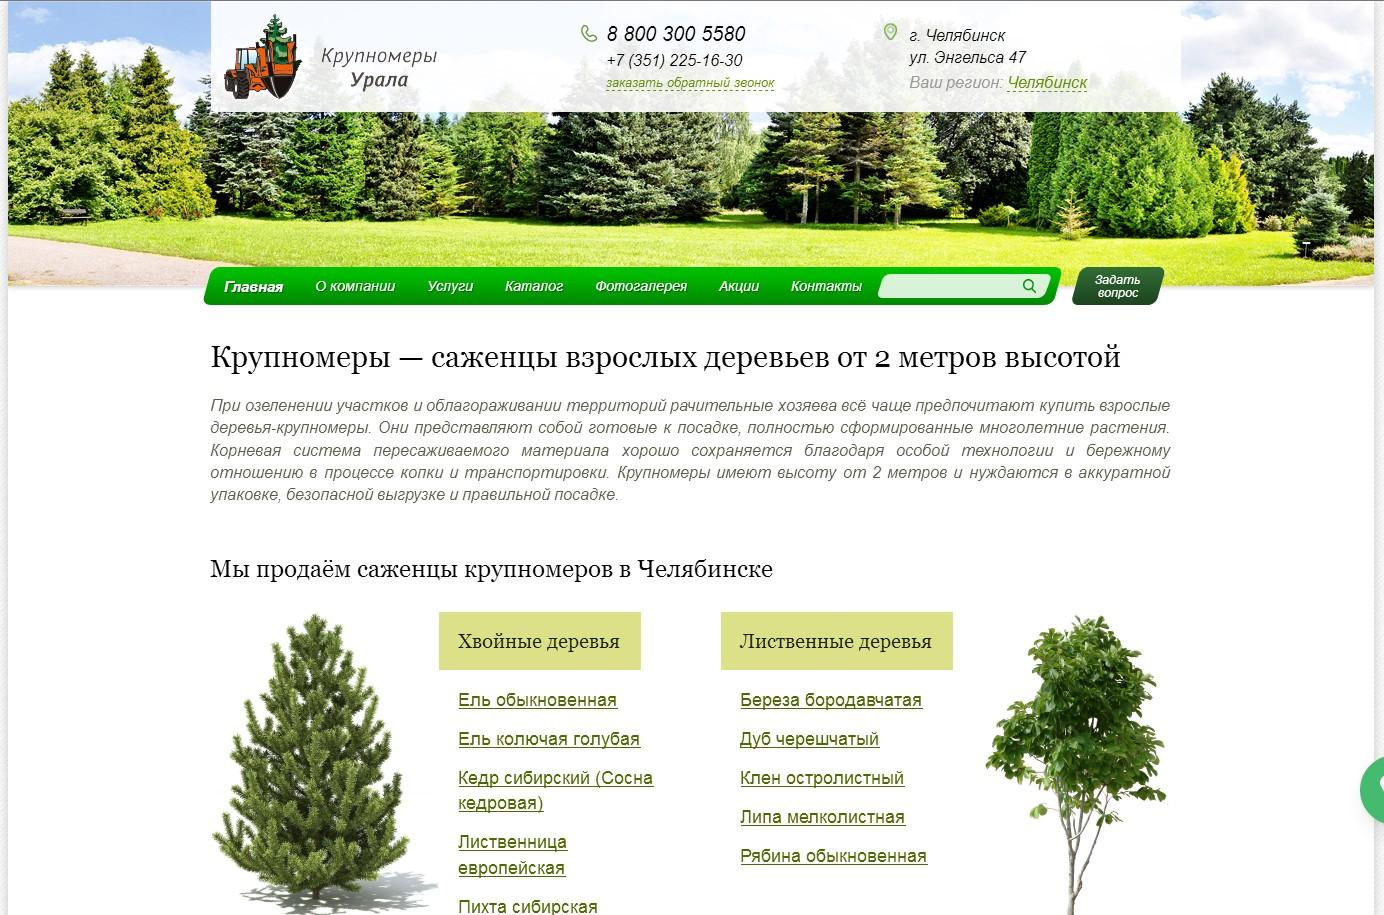 логотип челябинск.крупномеры-урала.рф